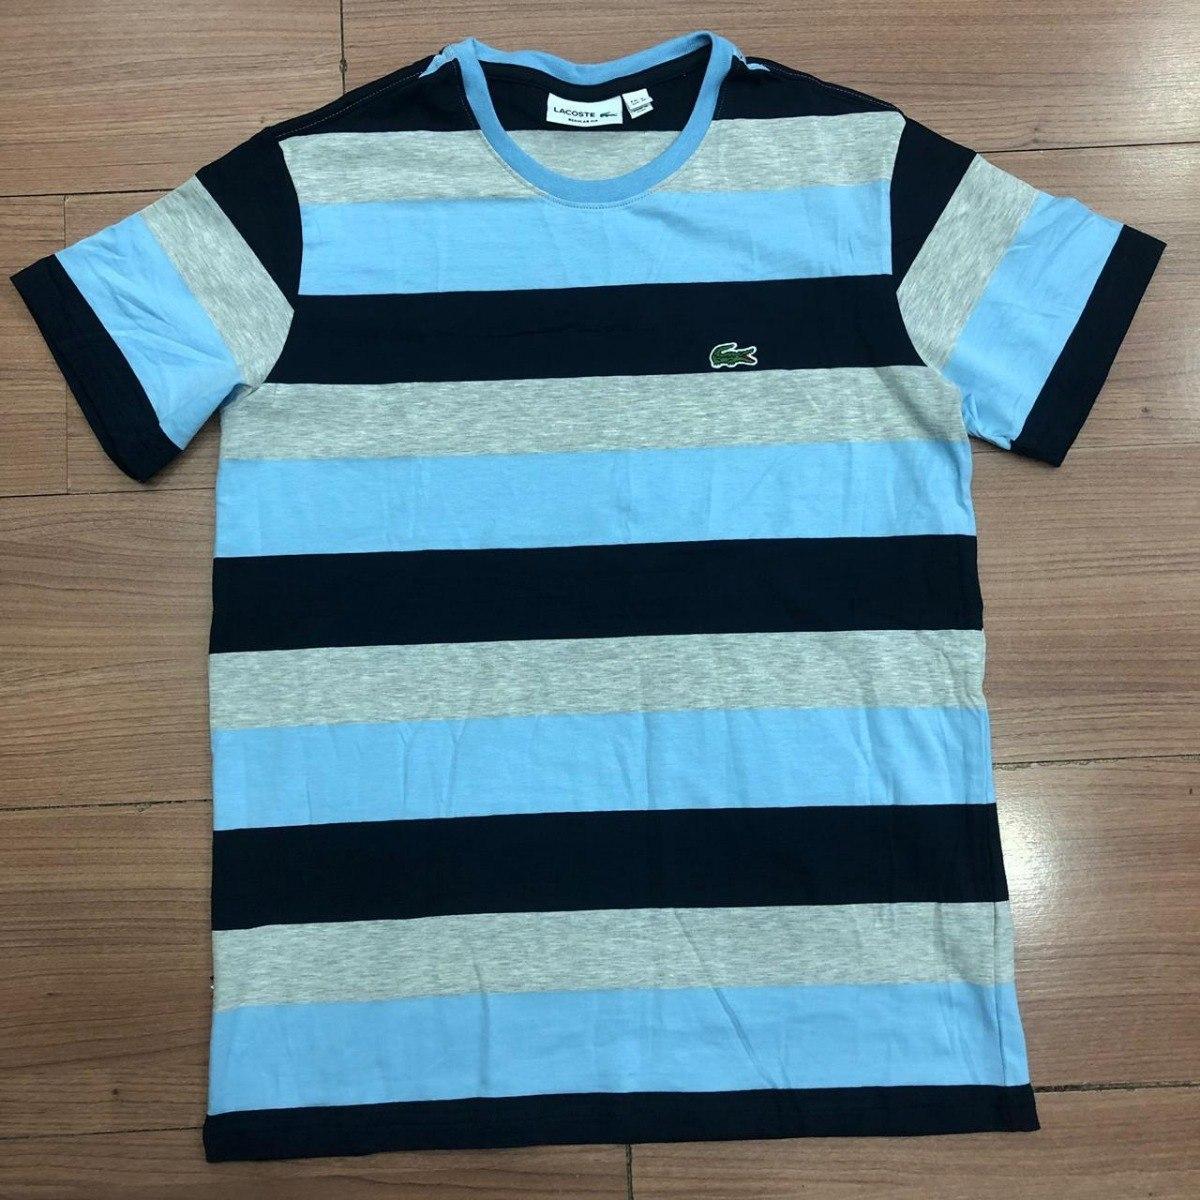 aa5d226e48b camiseta lacoste listrada masculina. Carregando zoom.